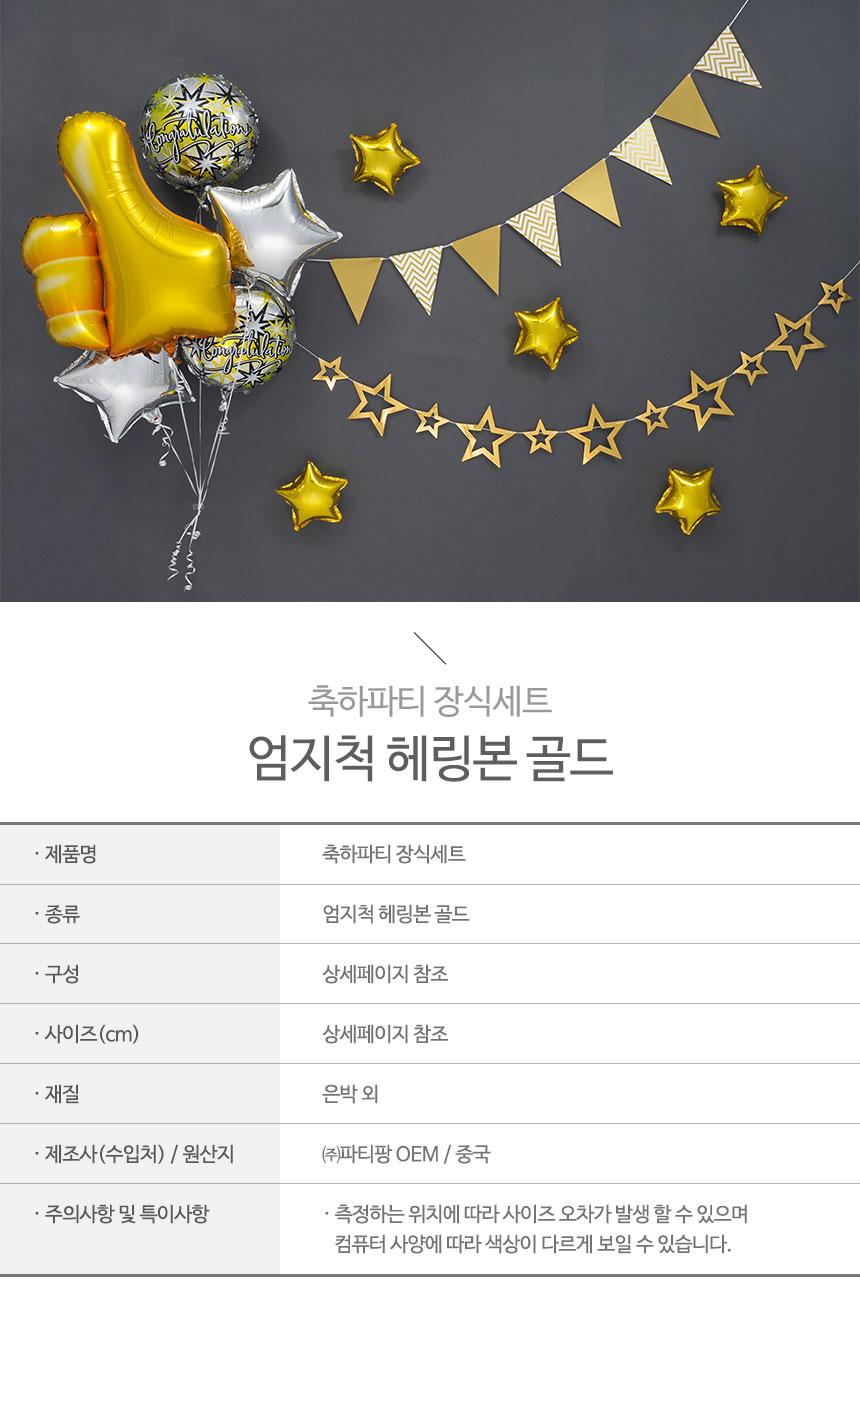 축하파티 장식세트 [엄지척 헤링본 골드] _partypang - 주식회사 파티팡, 11,800원, 파티용품, 데코/장식용품